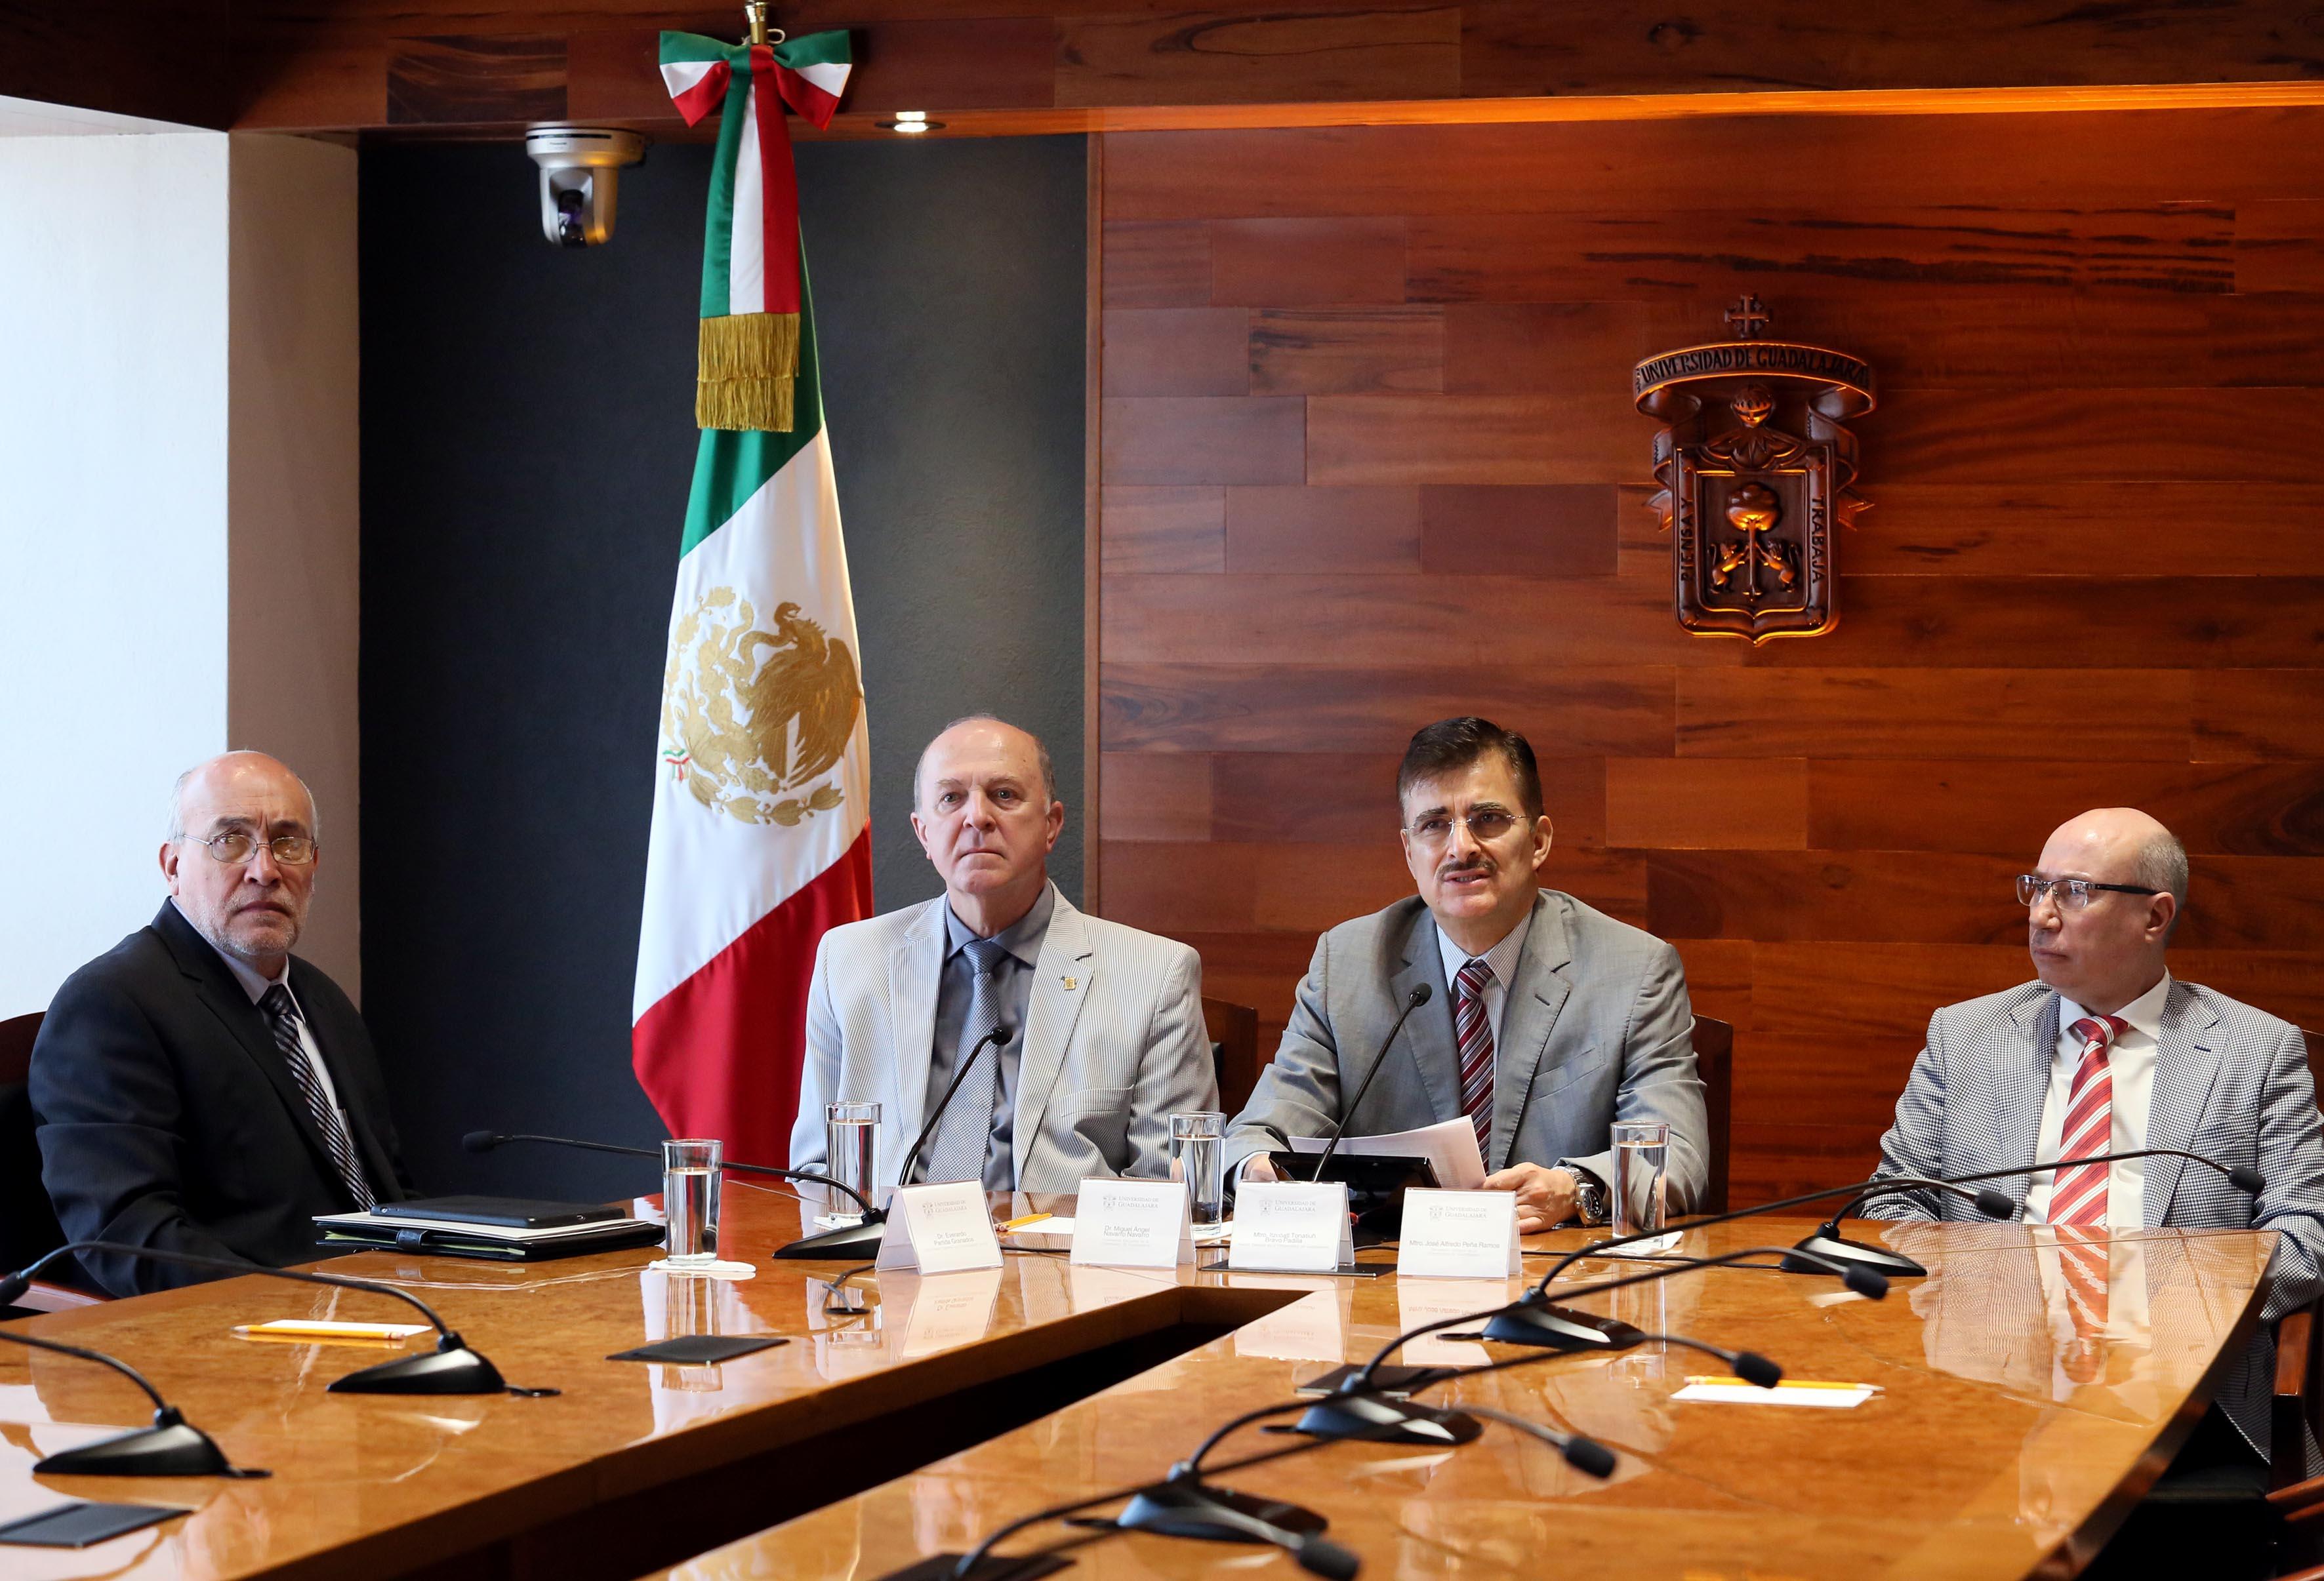 Rector General de la Universidad de Guadalajara, maestro Itzcóatl Tonatiuh Bravo Padilla en conferencia de prensa dando a conocer a los nuevos rectores